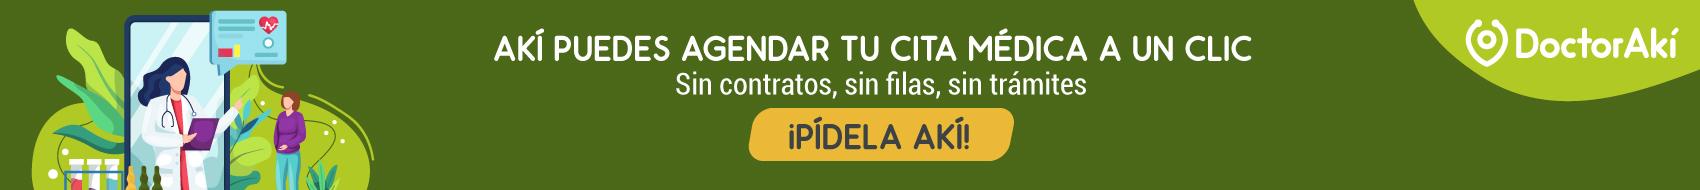 Cita médica akí puedes- 1700 x 190